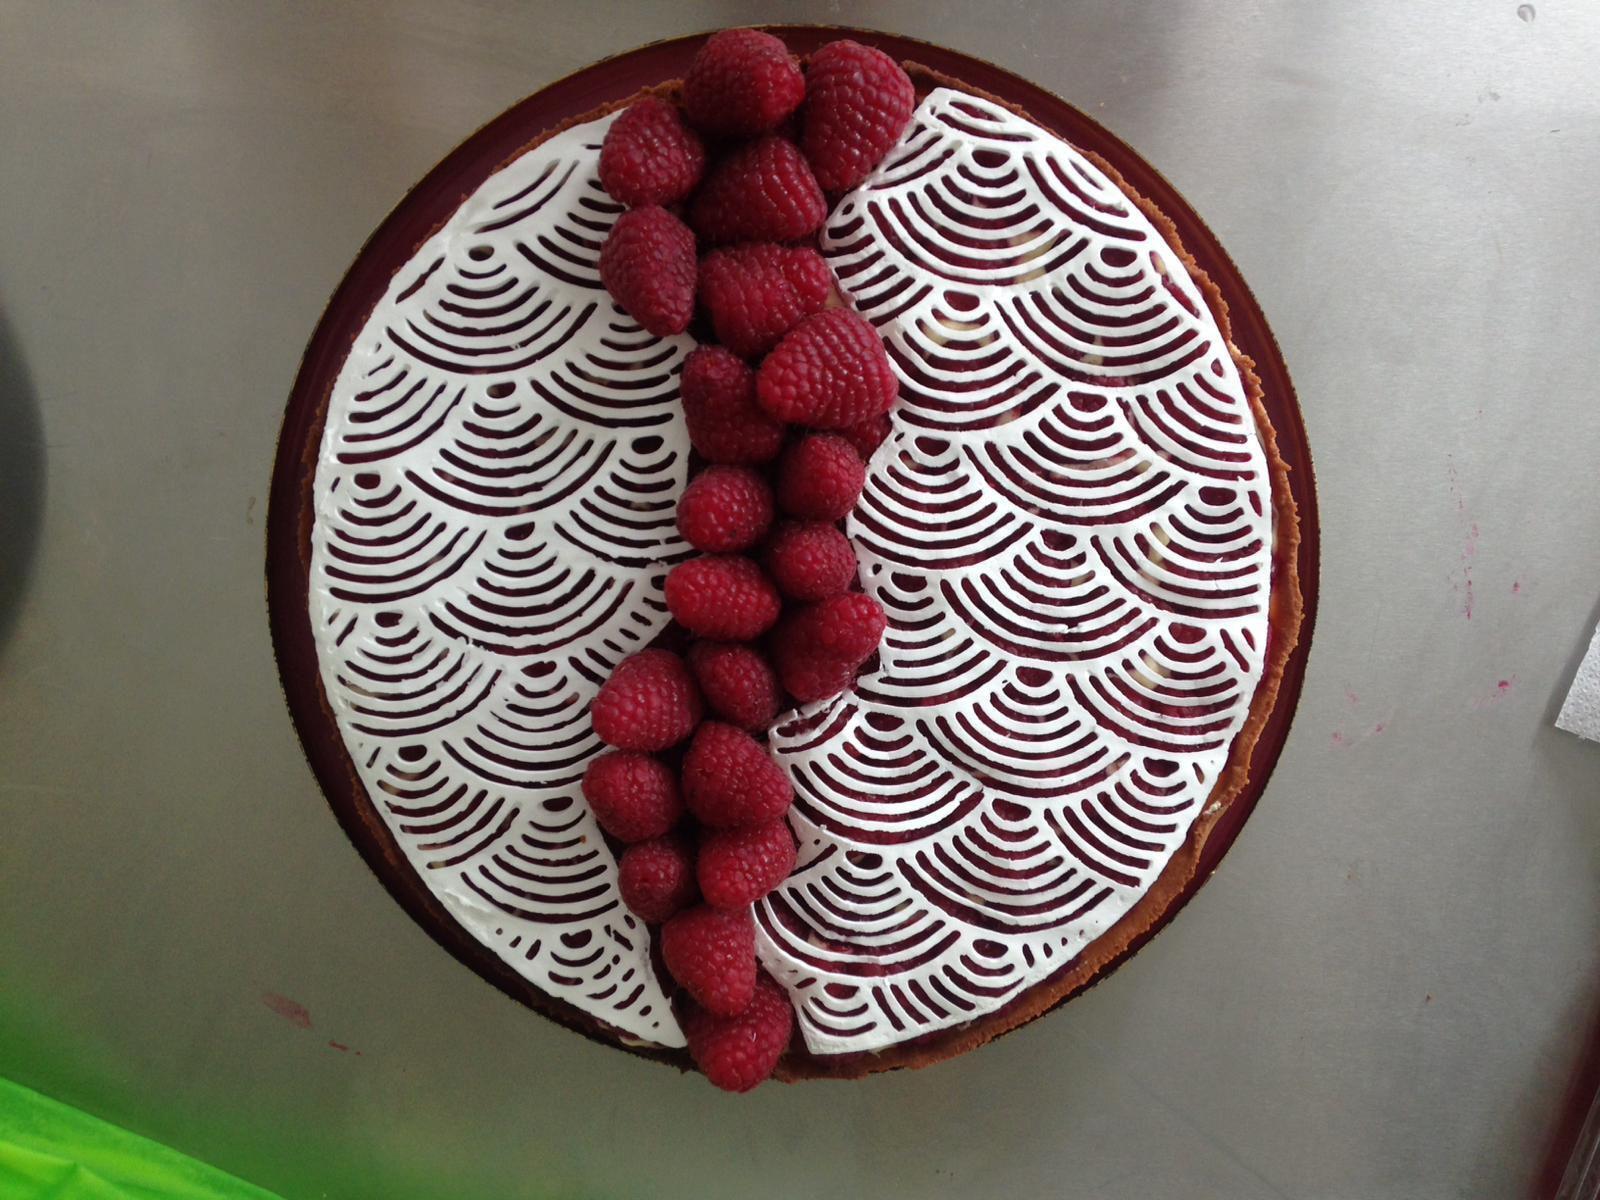 Le résultat d'une tarte à la framboise avec des motifs imprimés en 3D grâce à la buse de CakeWalk